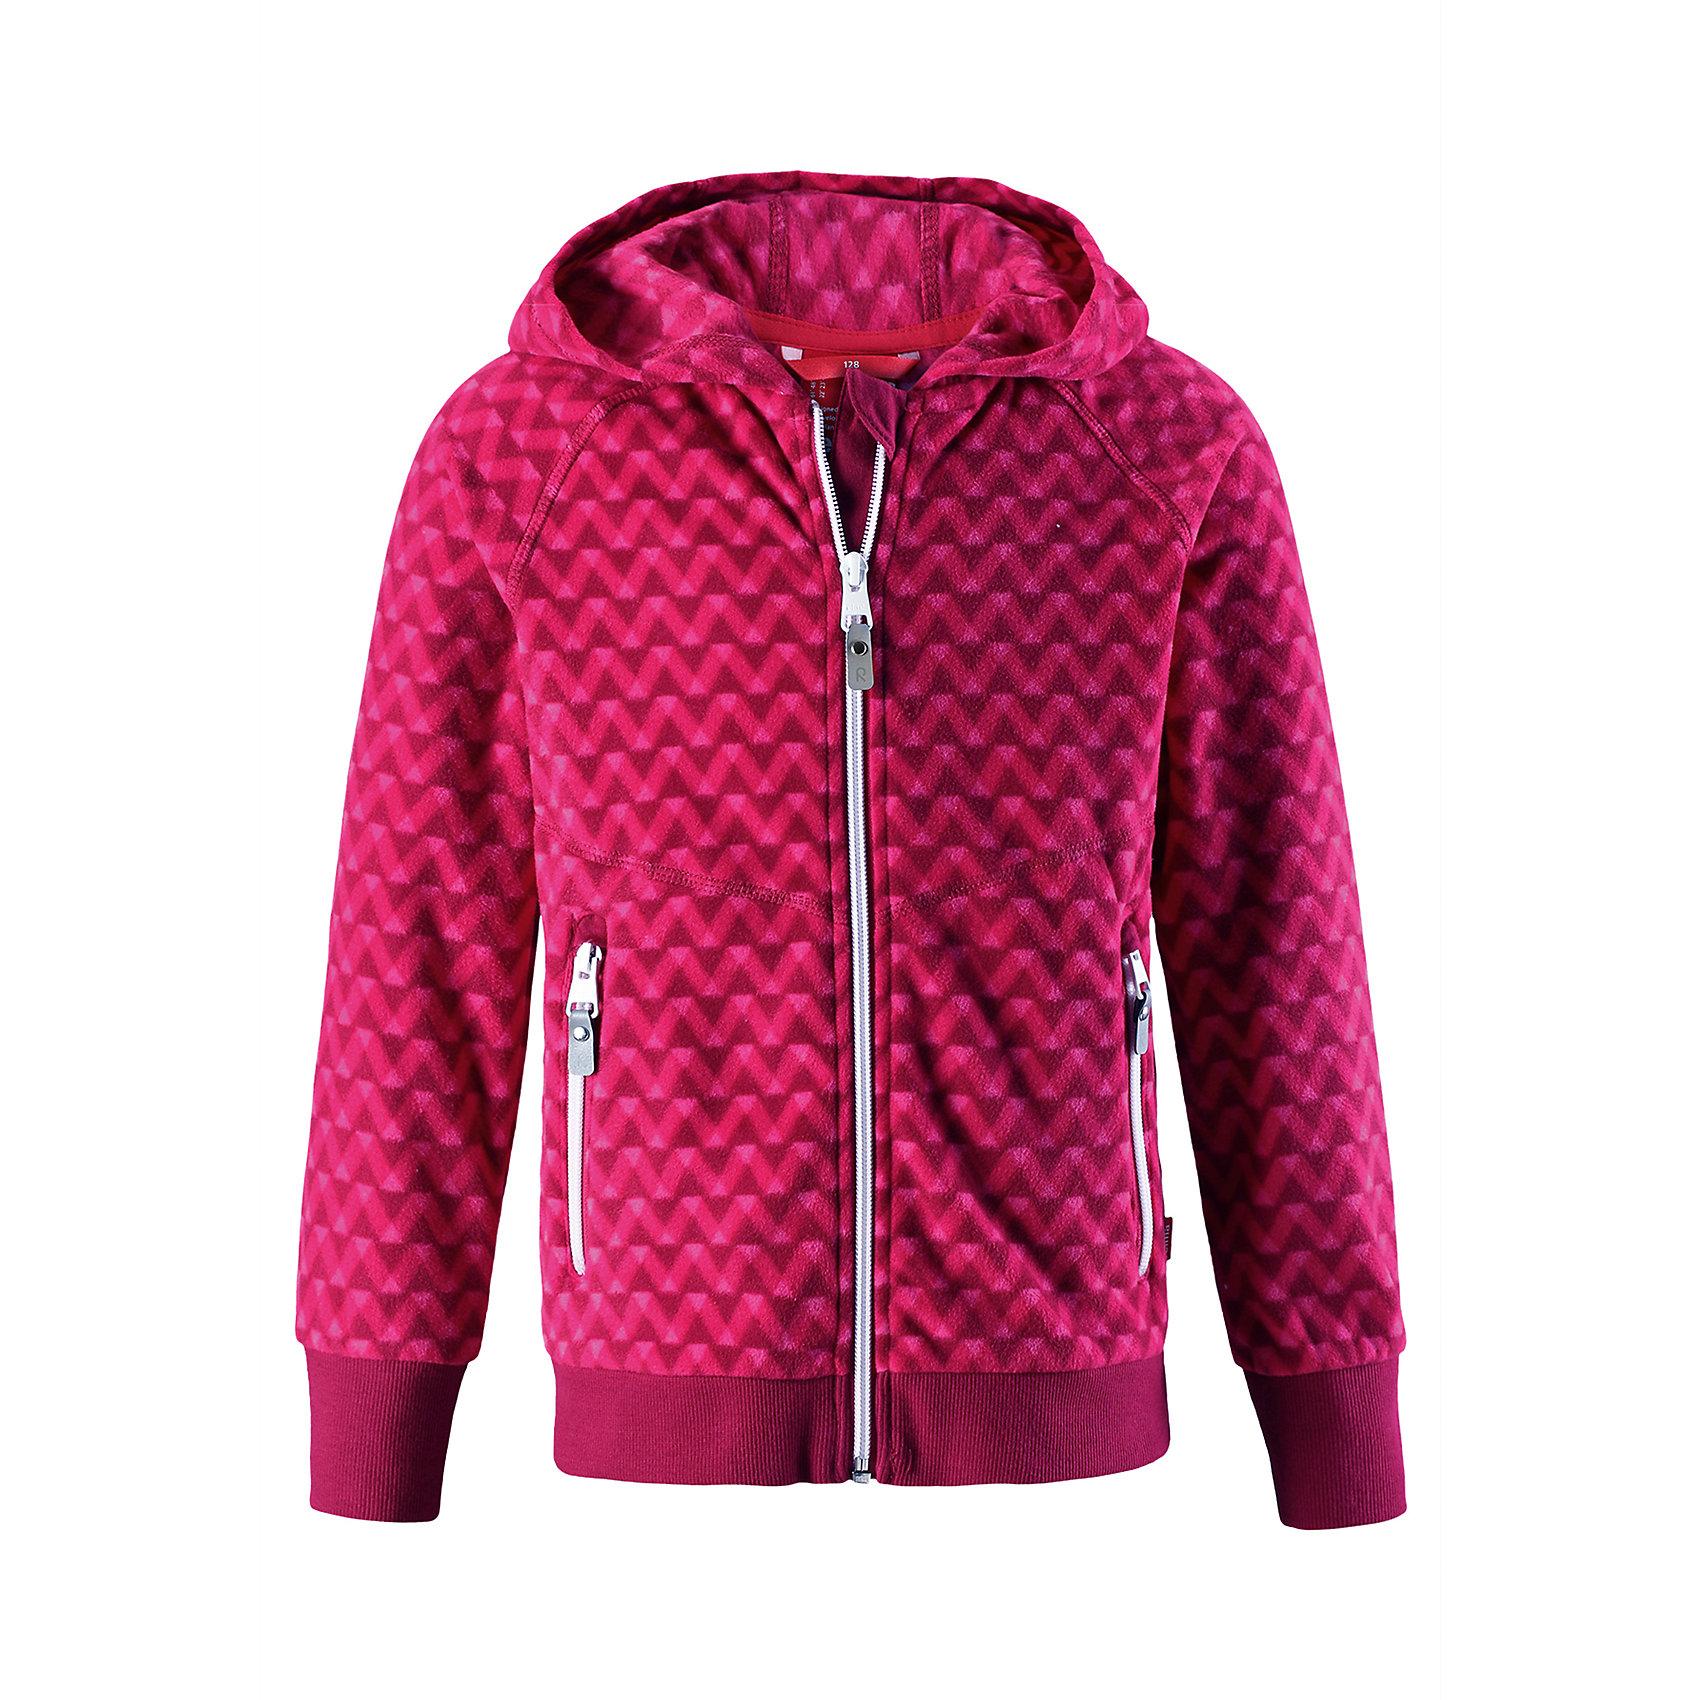 Флисовая кофта Reima Myra для девочкиТолстовки<br>Характеристики товара:<br><br>• цвет: розовый;<br>• состав: 100% полиэстер, флис; <br>• сезон: демисезон;<br>• выводит влагу в верхние слои одежды;<br>• теплый, легкий и быстросохнущий флис;<br>• регулируемый капюшон;<br>• резинка на талии и манжетах;<br>• молния по всей длине с защитой подбородка;<br>• два кармана на молнии;<br>• страна бренда: Финляндия;<br>• страна изготовитель: Китай;<br><br>Детская флисовая куртка на прохладный день. Можно использовать как верхнюю одежду в комплекте с жилеткой в теплую сухую погоду весной и осенью или поддевать в качестве промежуточного слоя в холода. Высококачественный полярный флис – это теплый, легкий и быстросохнущий материал, отводящий влагу с кожи.<br><br>Флисовую кофту Reima Myra для девочки (Рейма) можно купить в нашем интернет-магазине.<br><br>Ширина мм: 190<br>Глубина мм: 74<br>Высота мм: 229<br>Вес г: 236<br>Цвет: розовый<br>Возраст от месяцев: 18<br>Возраст до месяцев: 24<br>Пол: Женский<br>Возраст: Детский<br>Размер: 92,164,158,152,146,140,134,128,122,116,110,104,98<br>SKU: 6904628